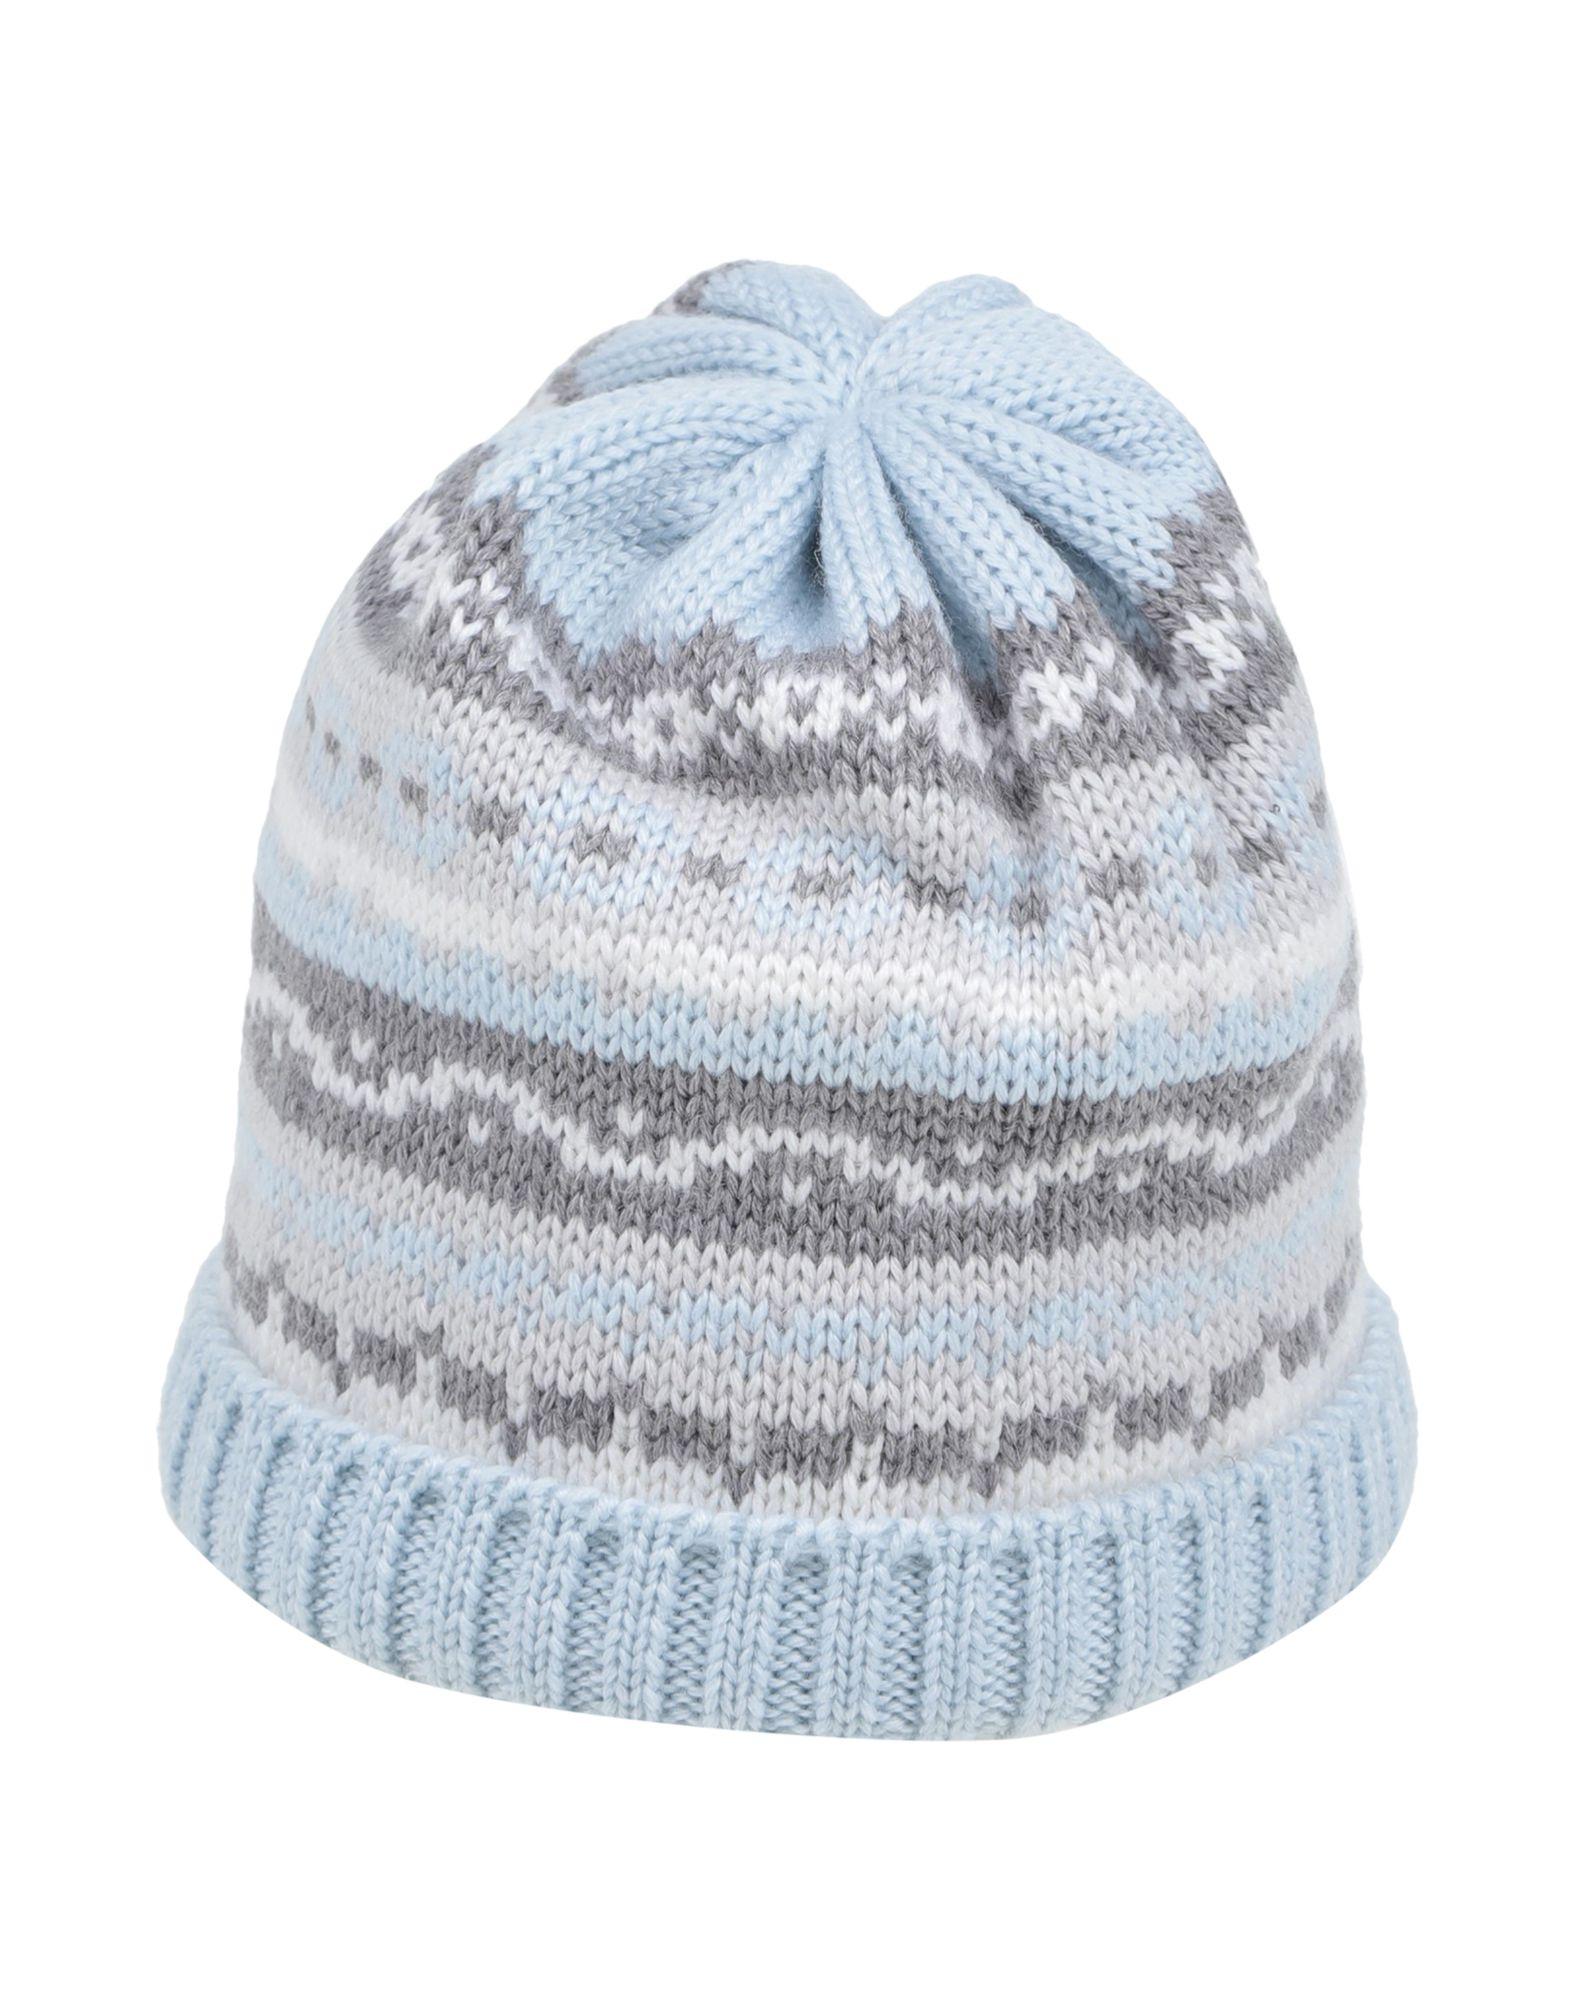 Utili E Futili Kids' ! Hats In Blue